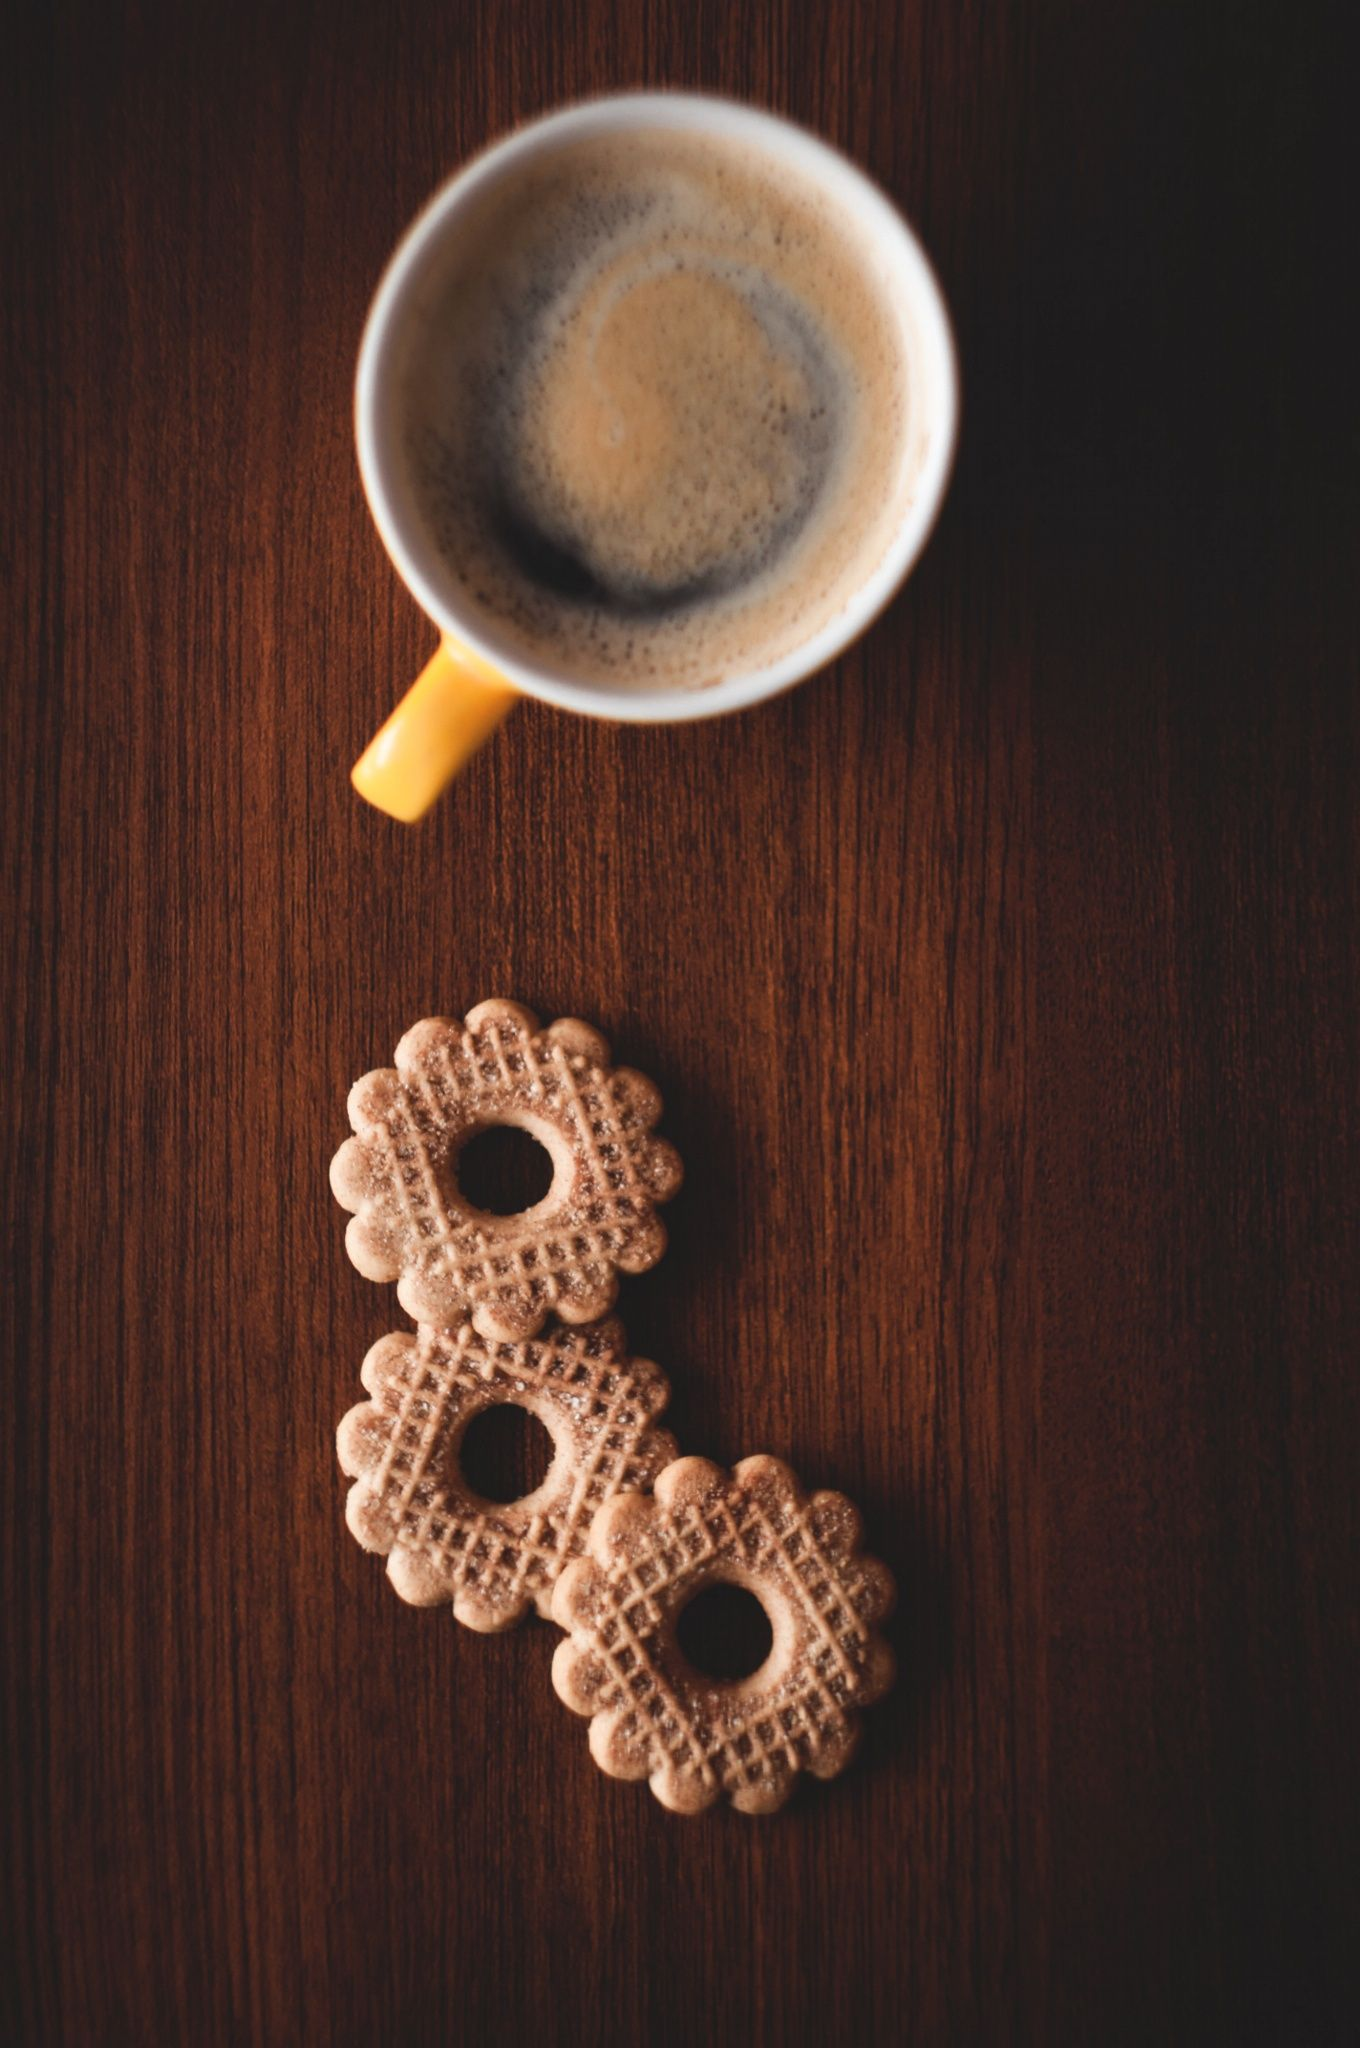 Photo Time to coffee by Krystian Buła on 500px